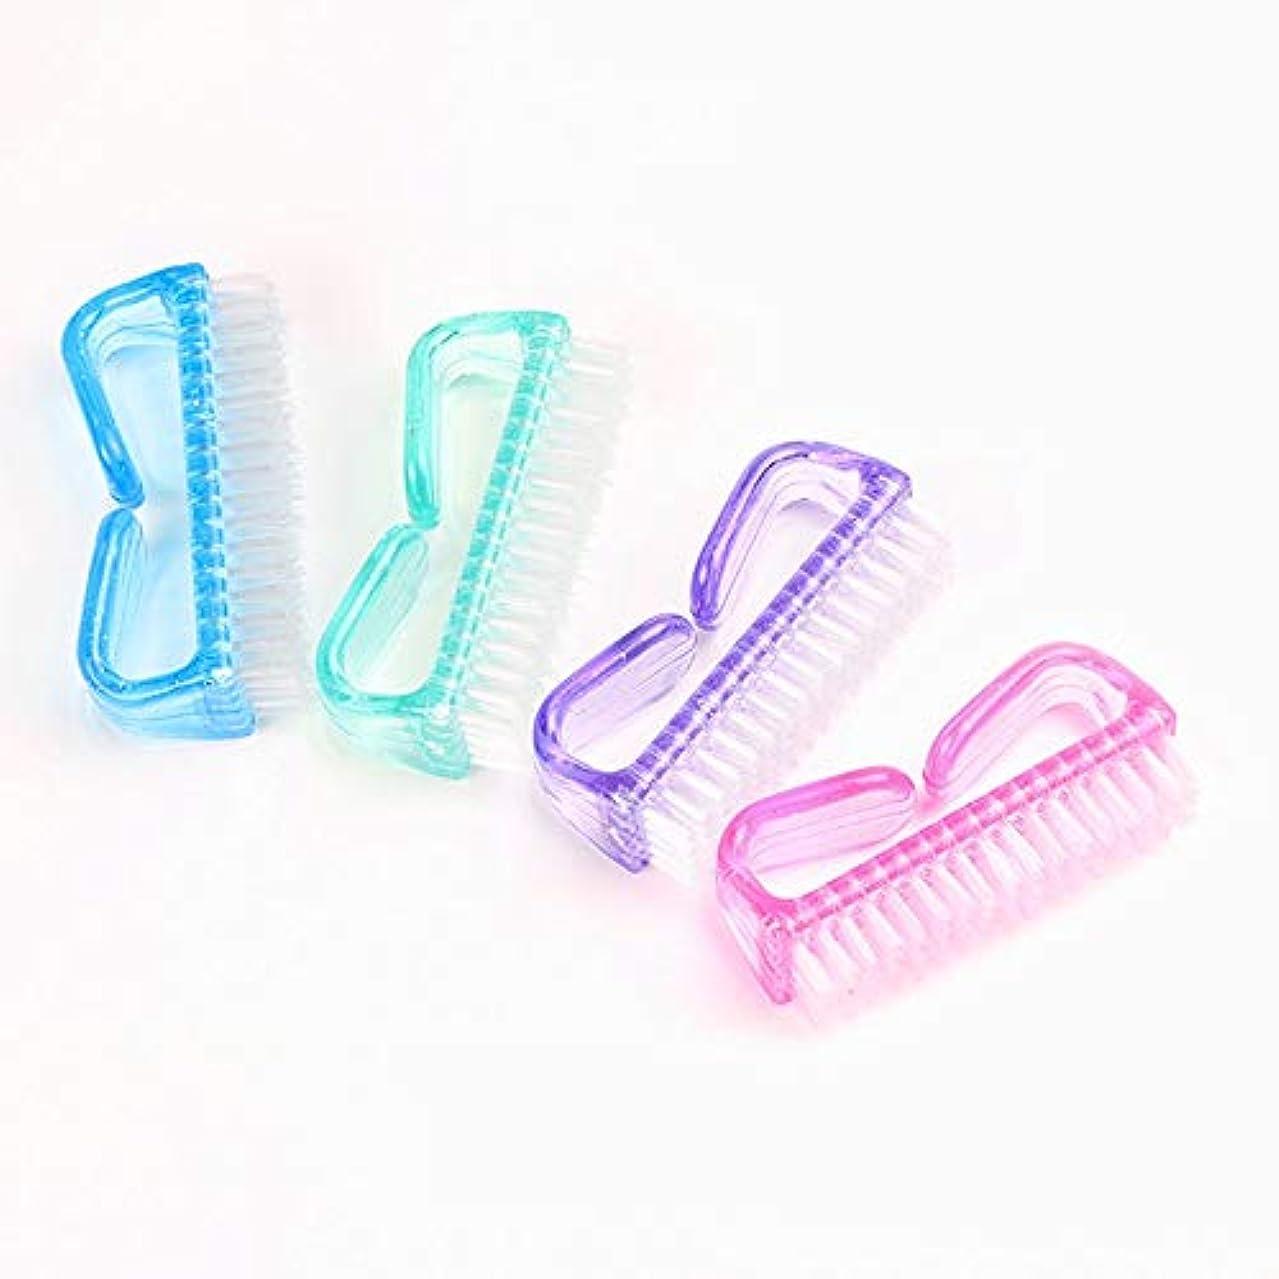 ウールオープニングバー爪ブラシ ネイルブラシ カラフル 全4色 4個セット